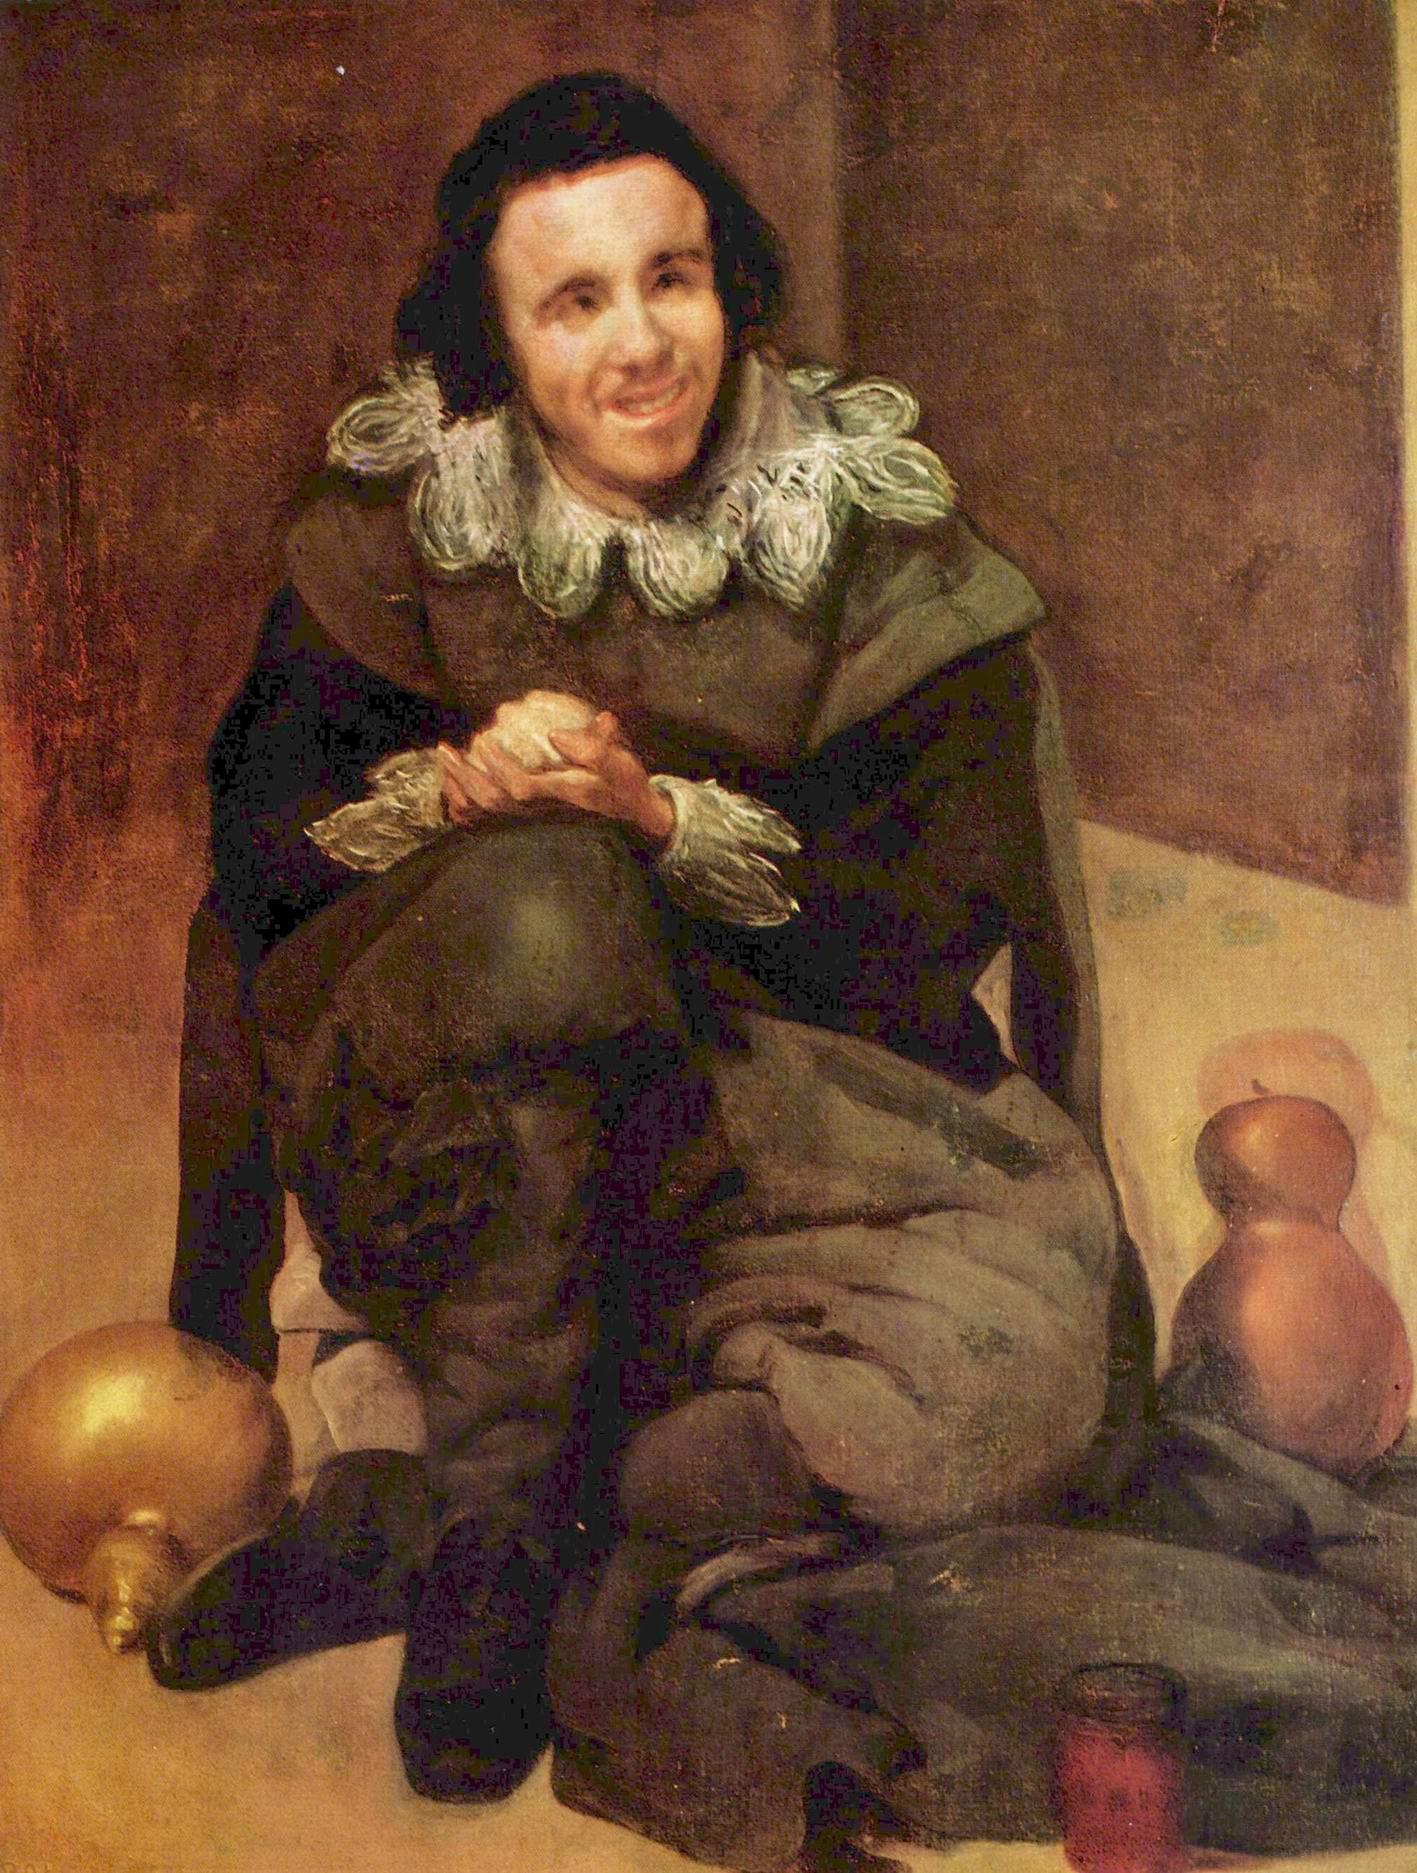 Портрет придворного шута Хуана де Калабасаса, Диего Веласкес